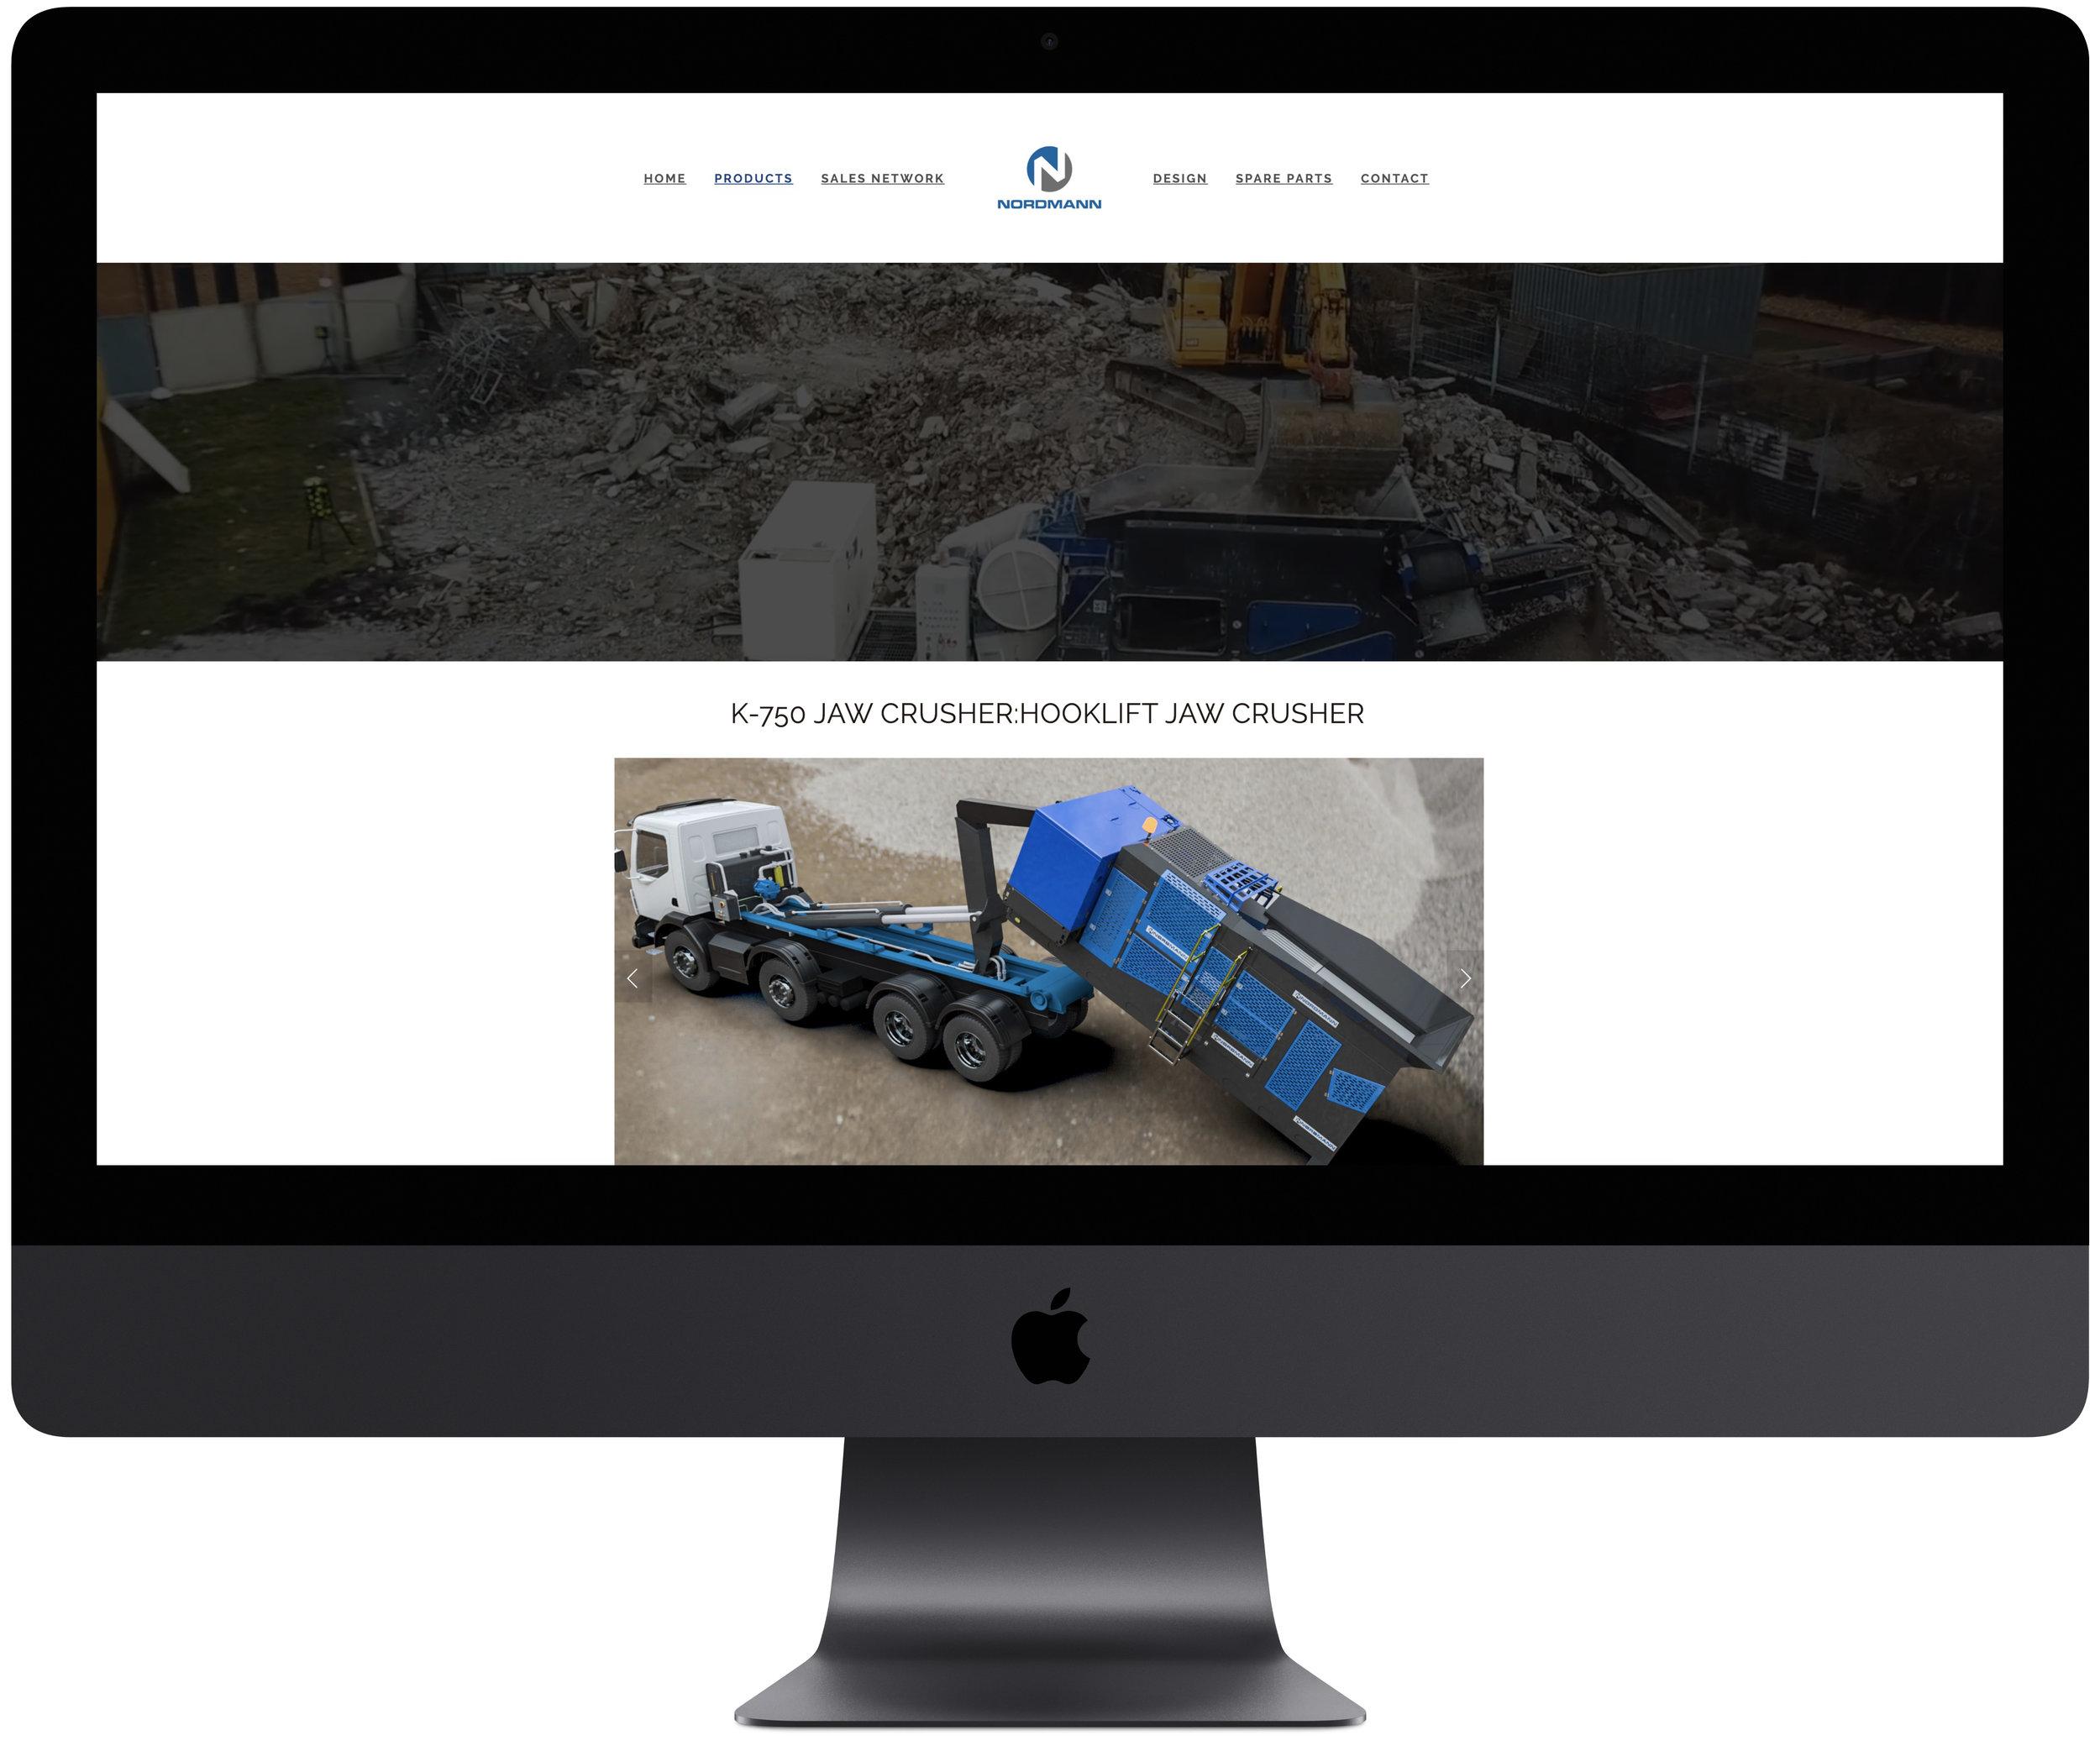 Nordmann - iMac Pro.jpg